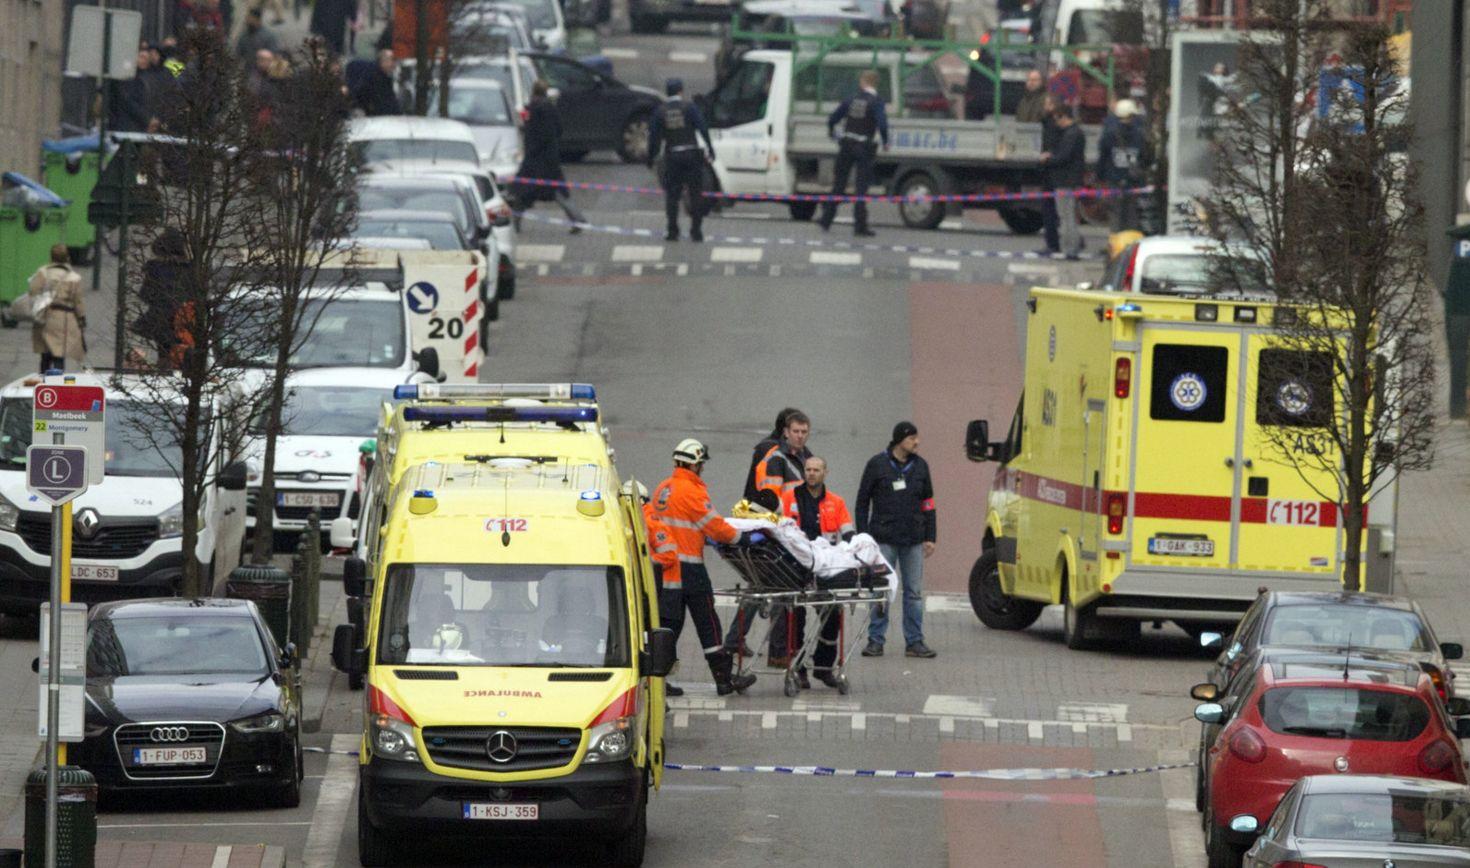 Terrorirünnakutest räsitud Brüsselis elava Saaremaalt pärit Maire Lodi sõnul on tema kõige suurem soov hetkel koju Eestisse jõuda. Brüsselis töötav Maire Lodi tunnistas Saarte Häälele, et pidi täna pühadeks Saaremaale […]